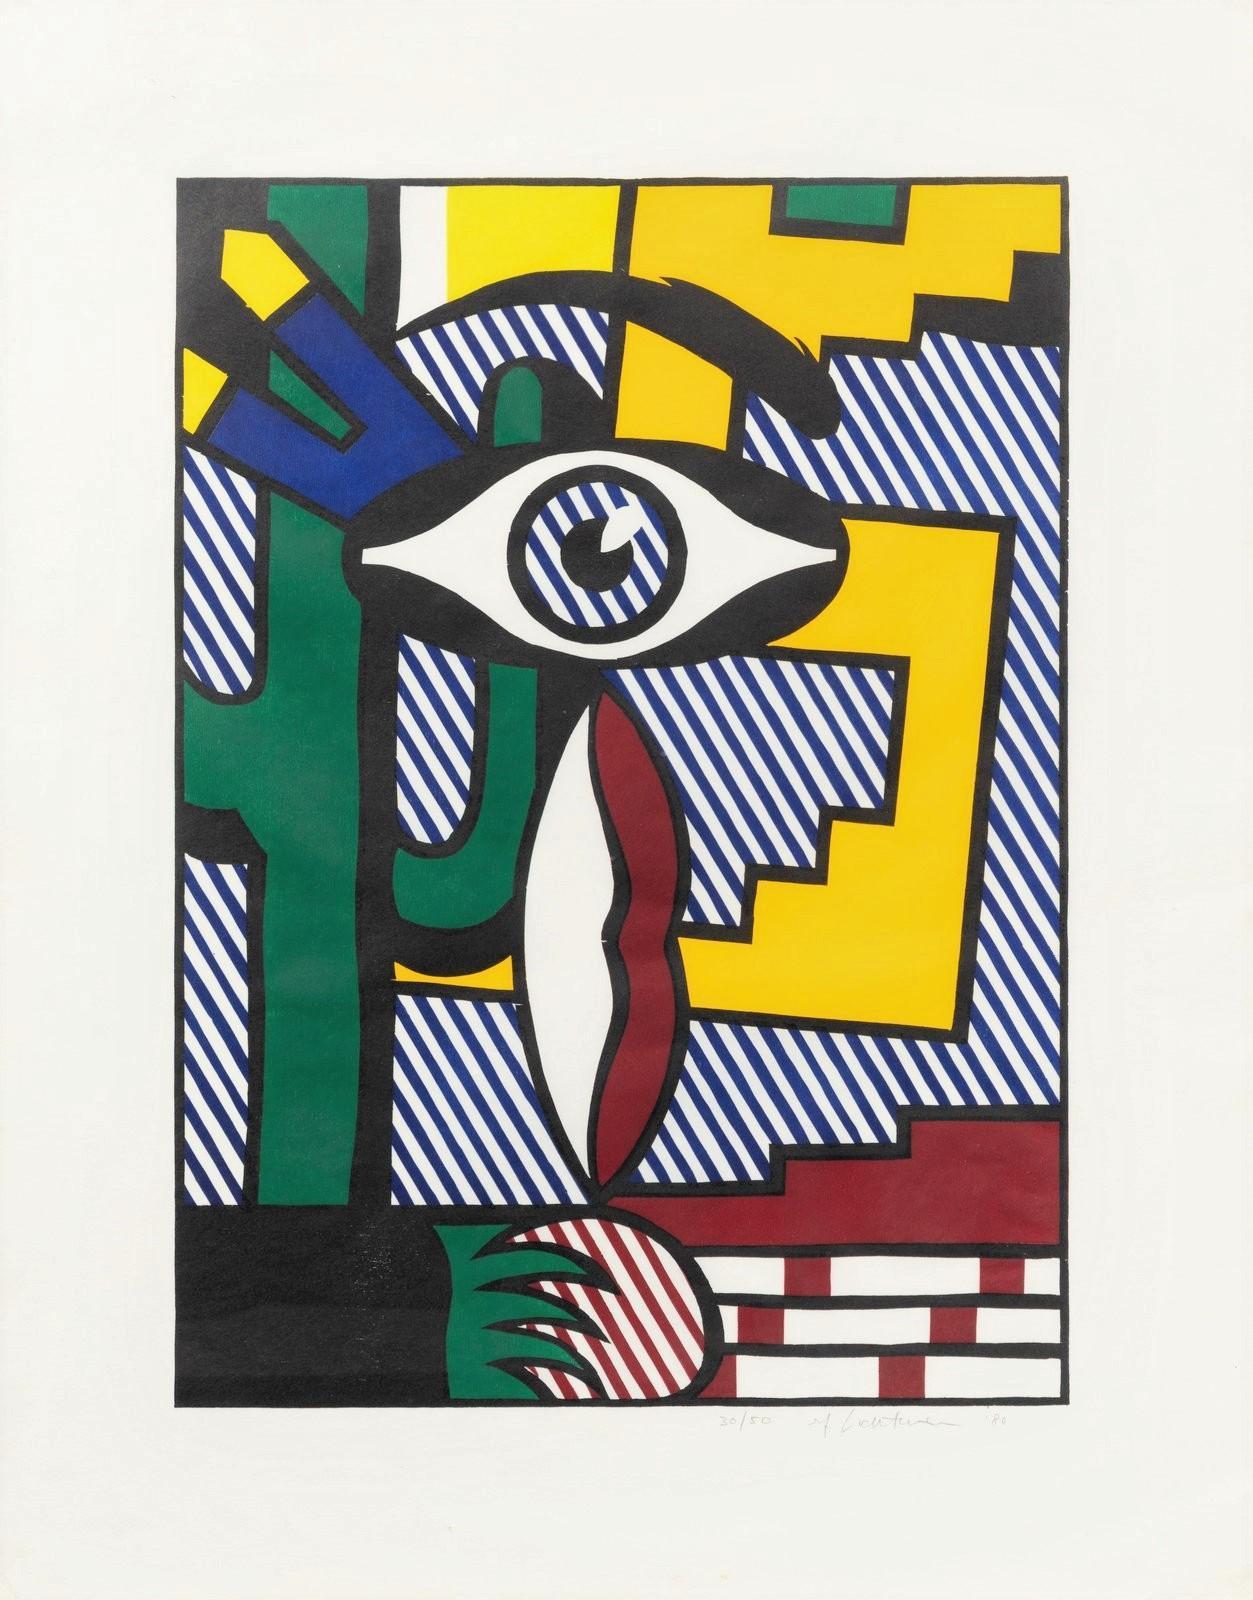 American Indian Theme III, Roy Lichtenstein